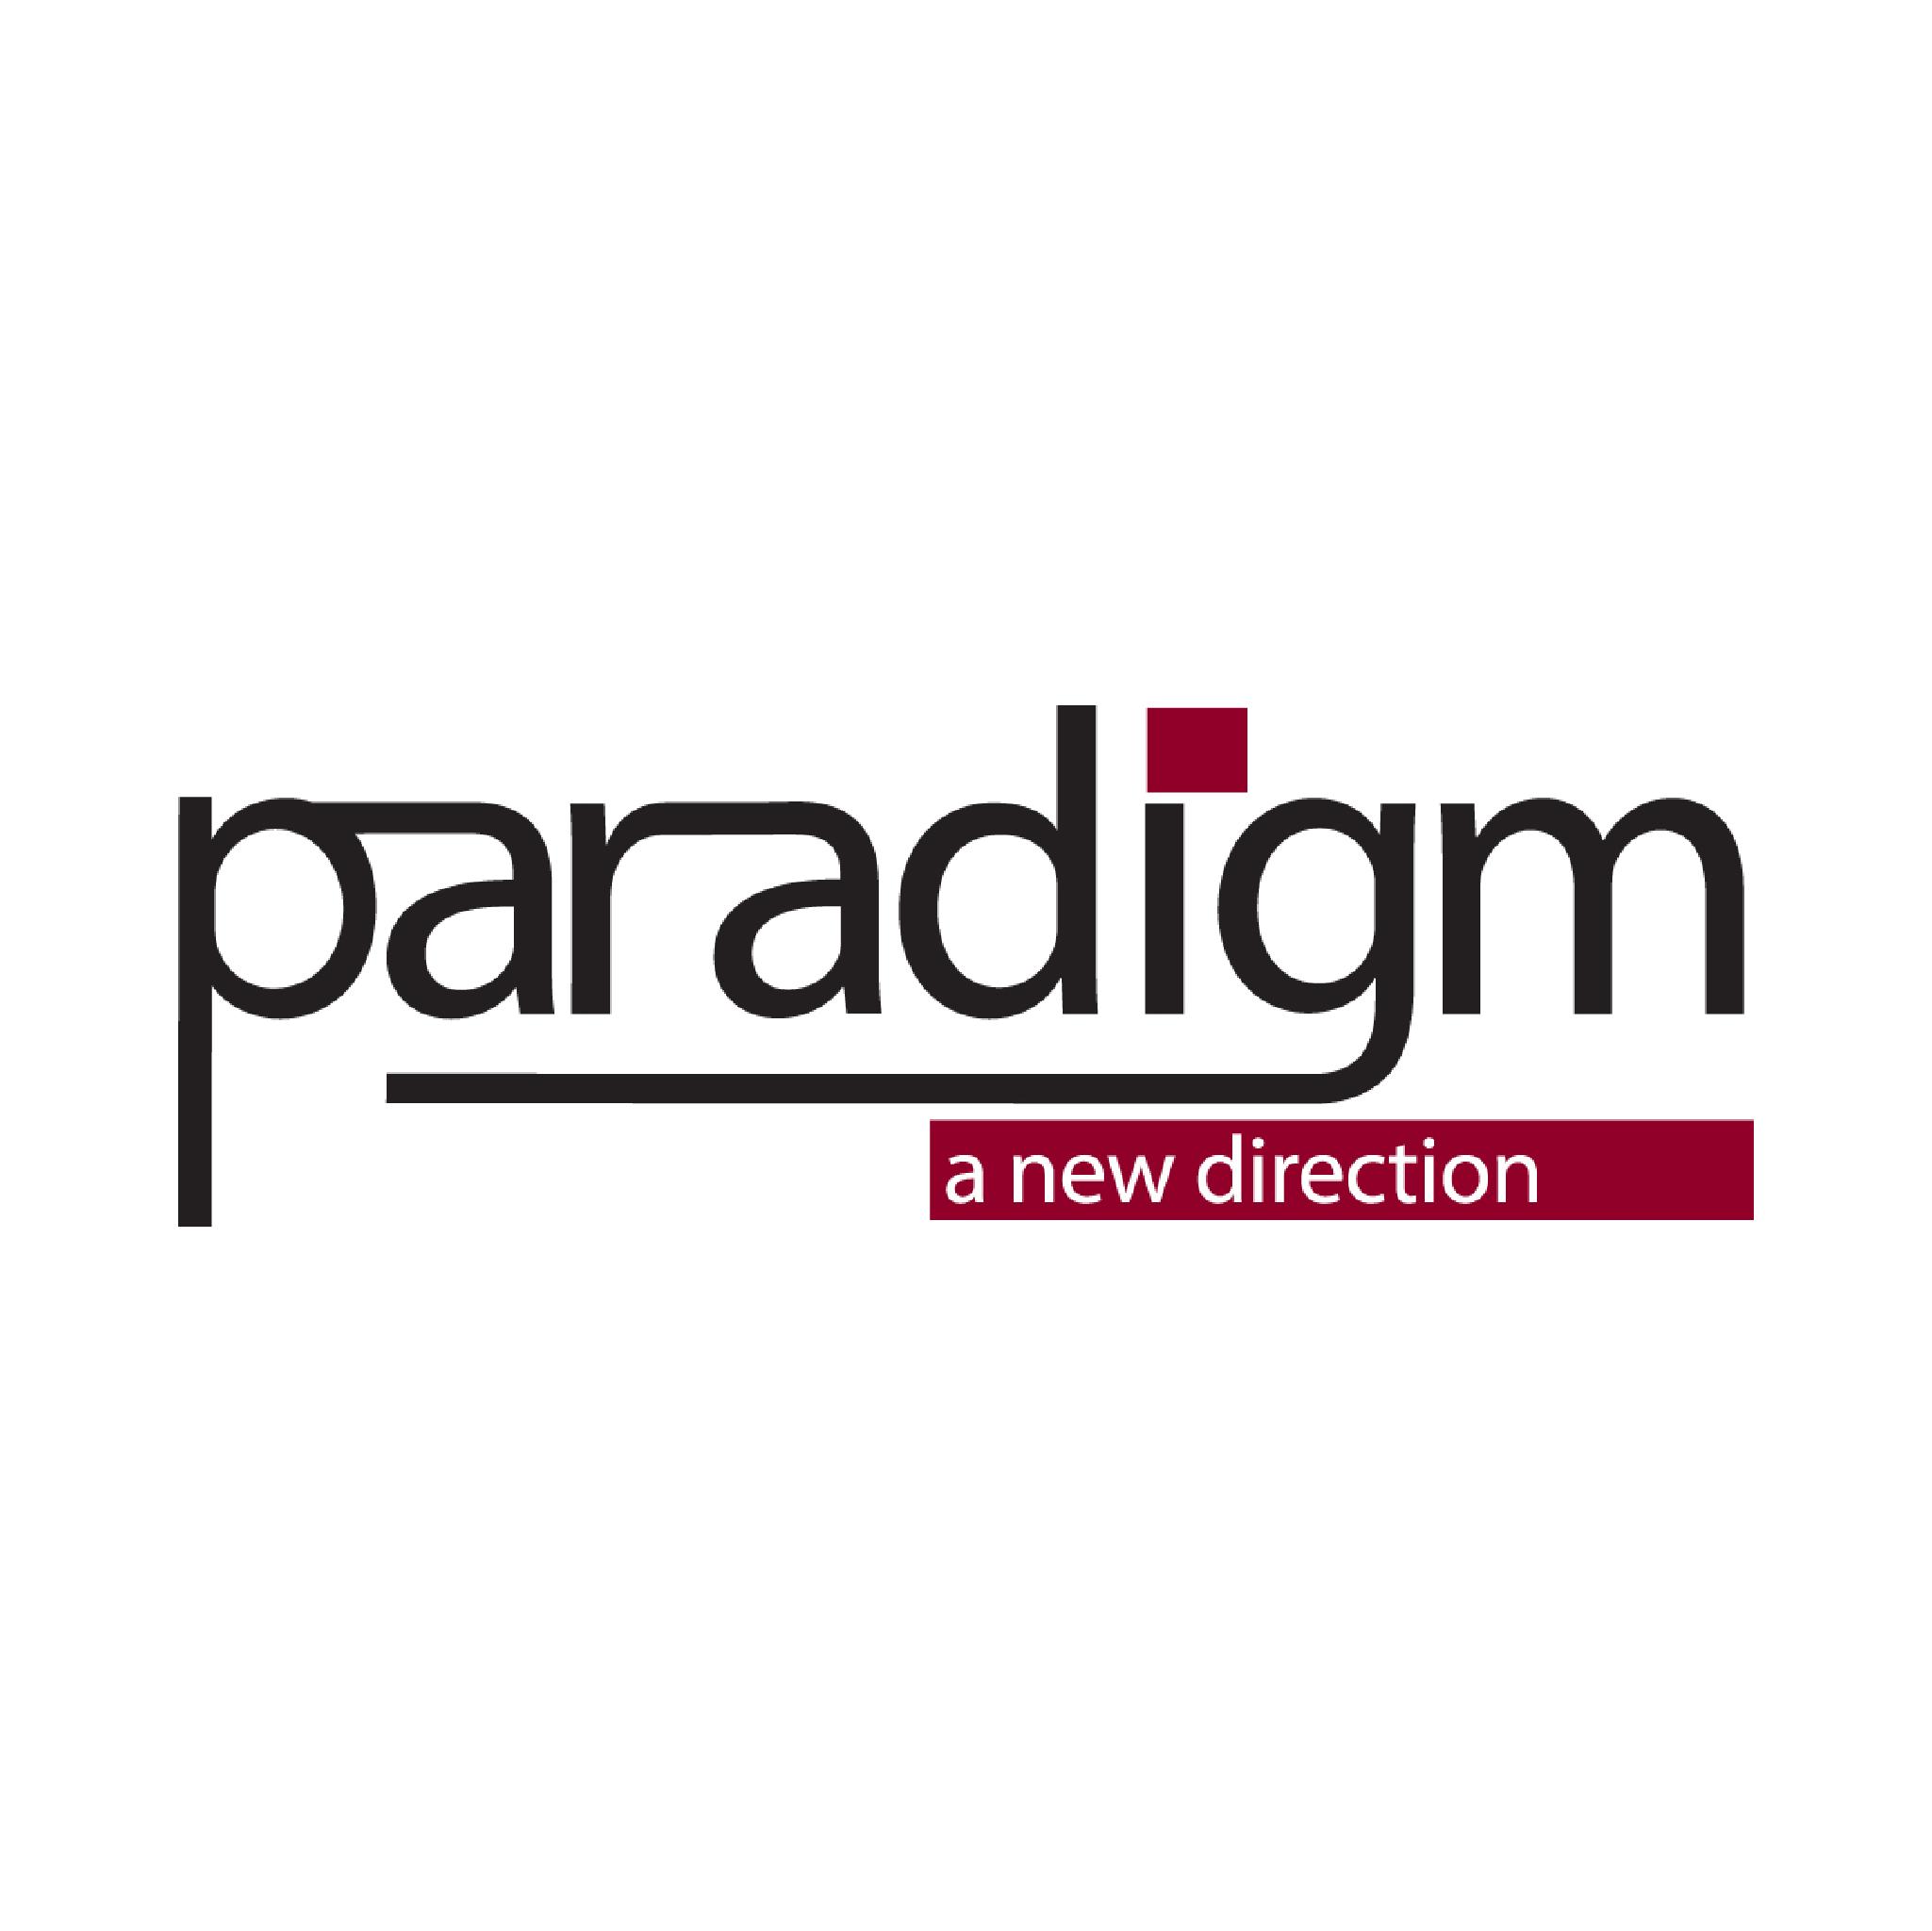 Paradigm, Inc. company logo